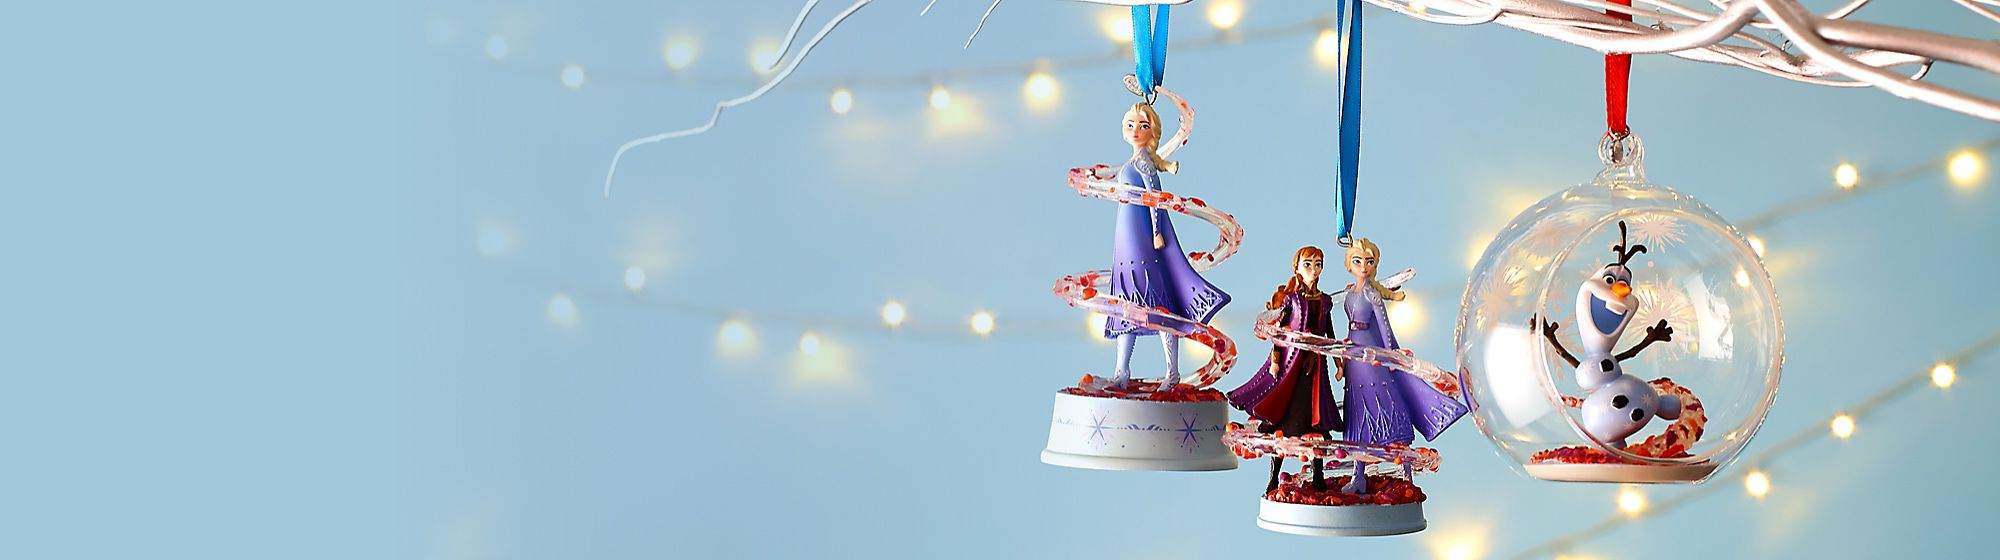 Coleccionables de Frozen 2 Descubre nuestra colección de coleccionables y figuritas